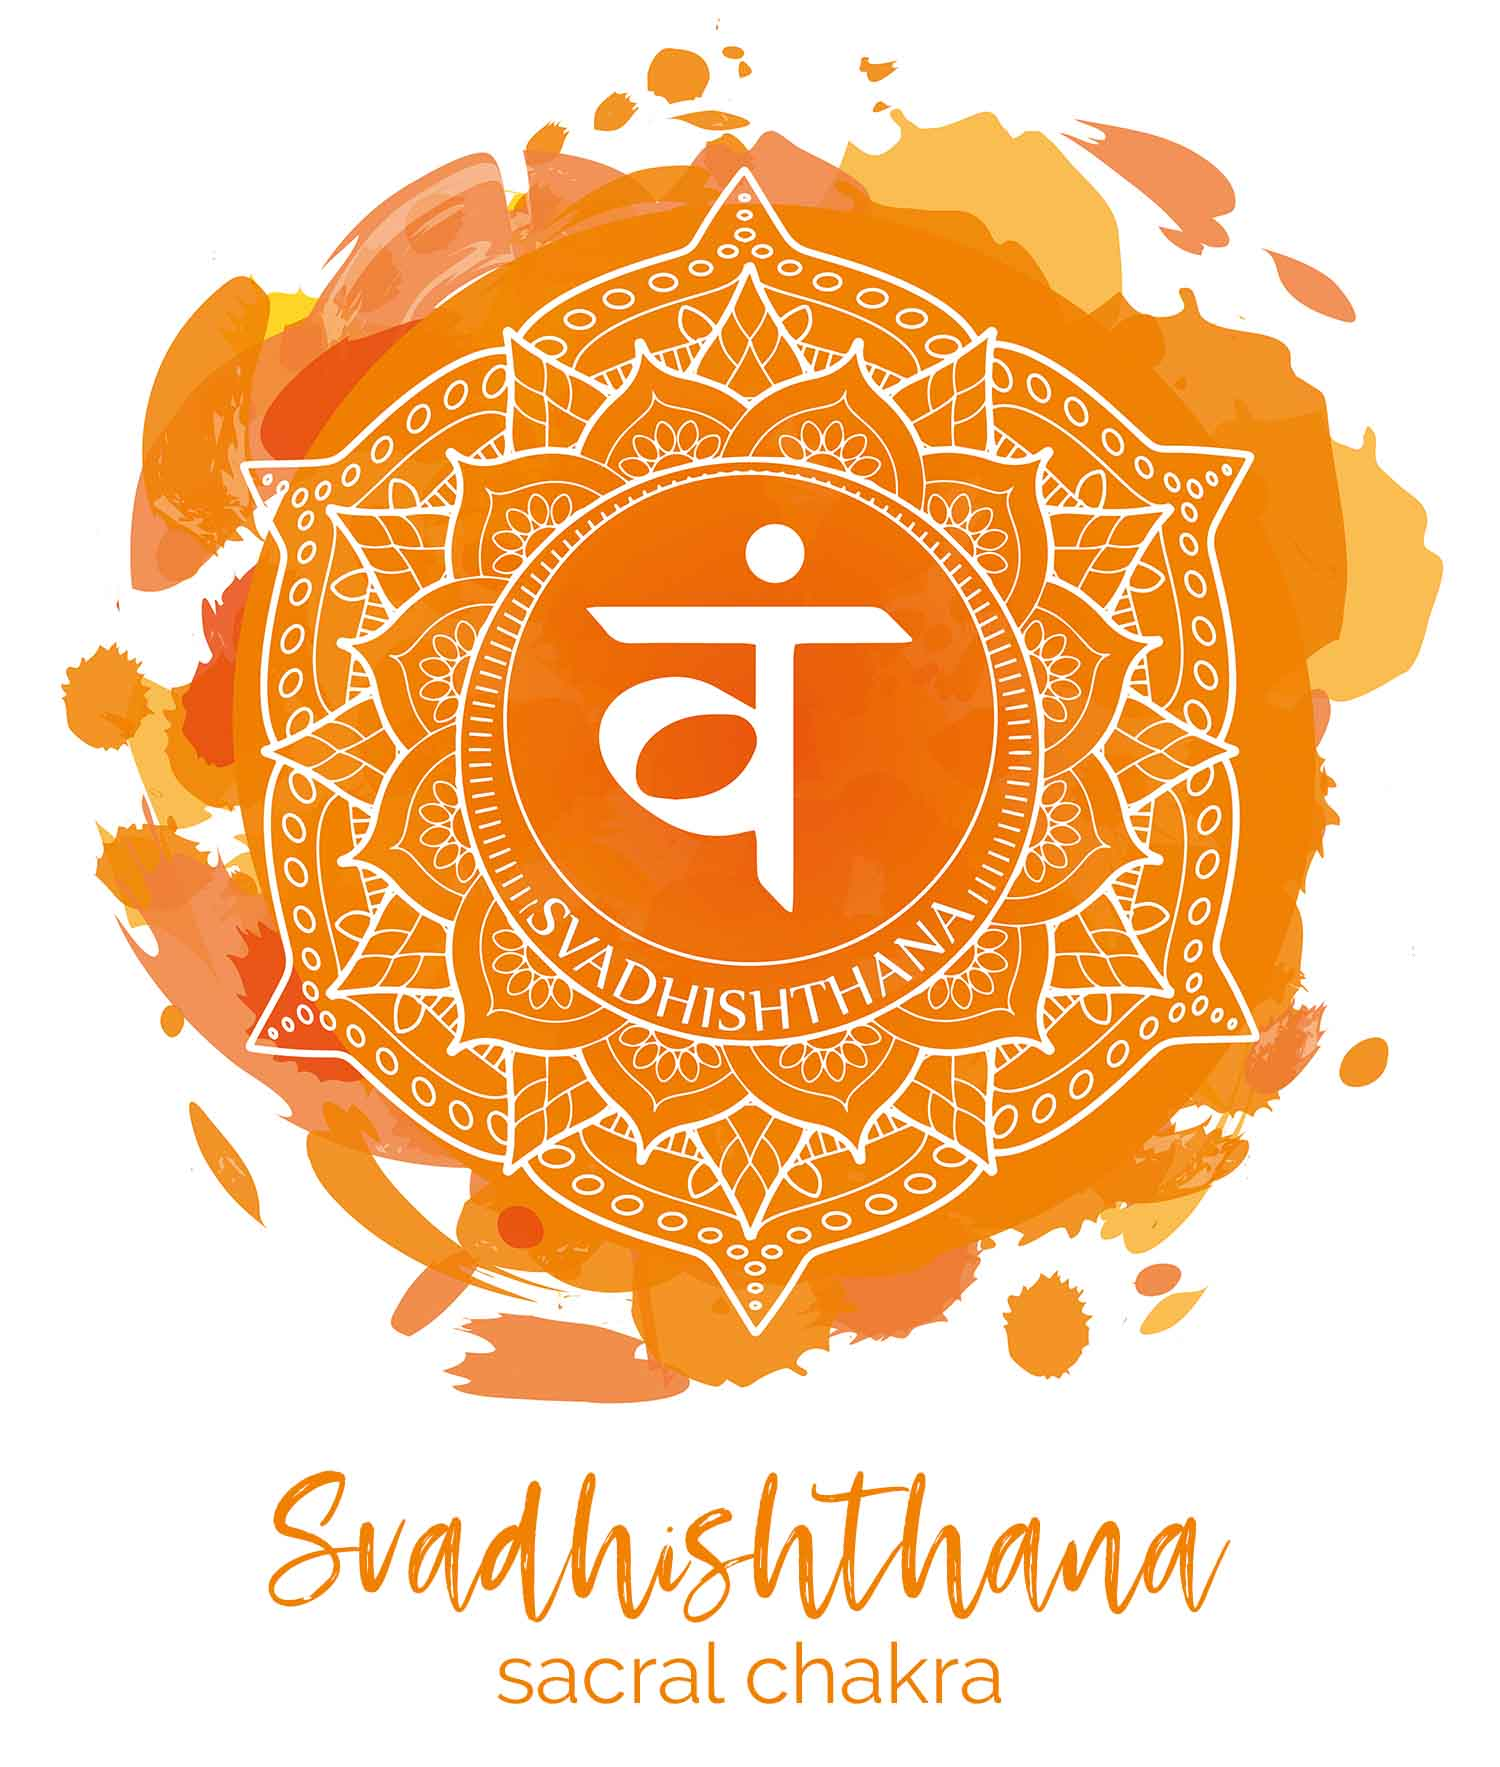 Orange chakra meaning